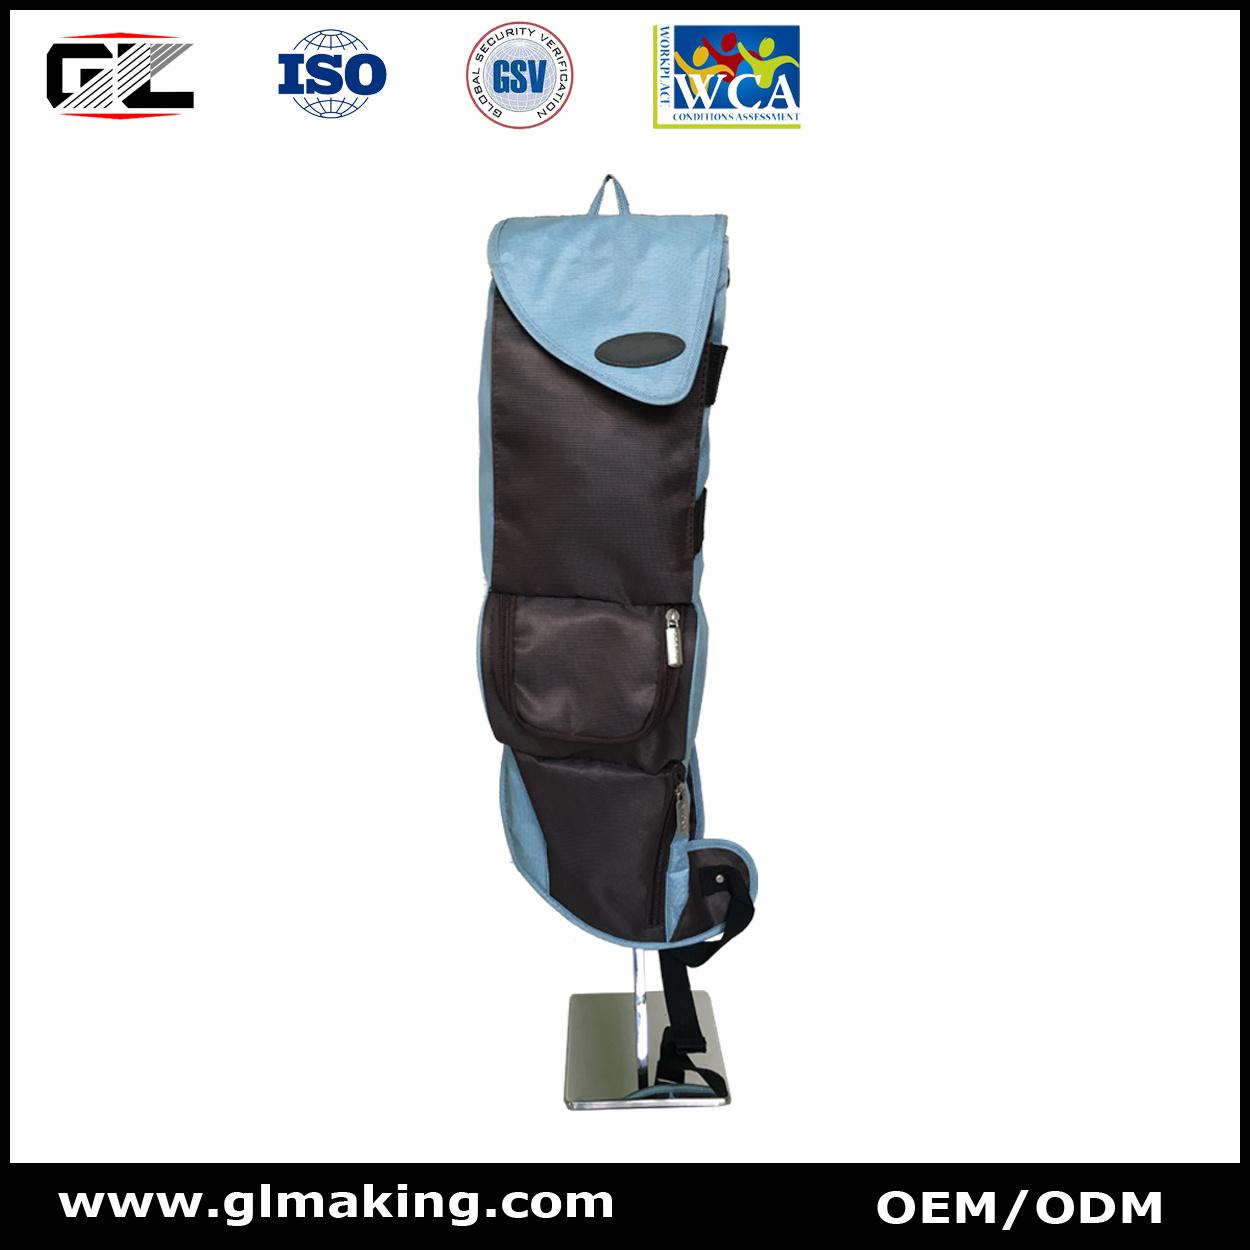 Convenient Messenger Sport Bag From Manufacturer